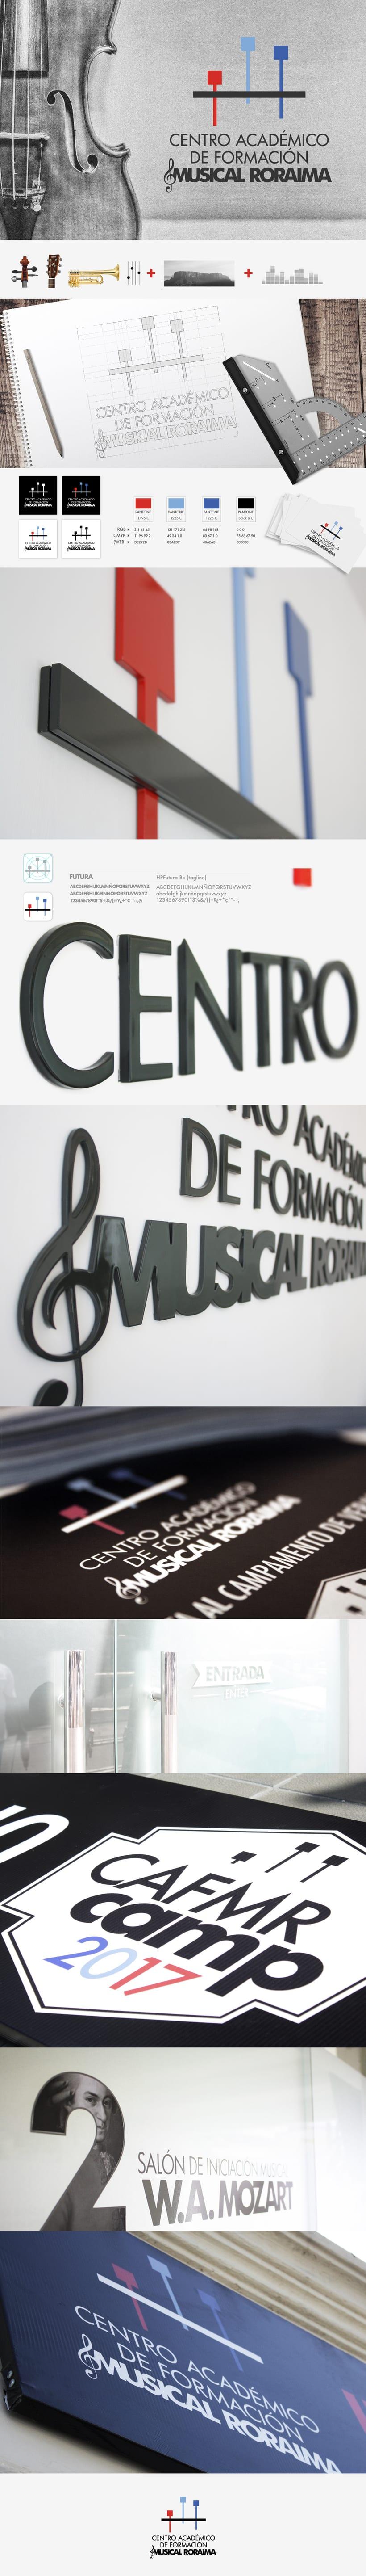 Centro académico de formación musical roraima -1